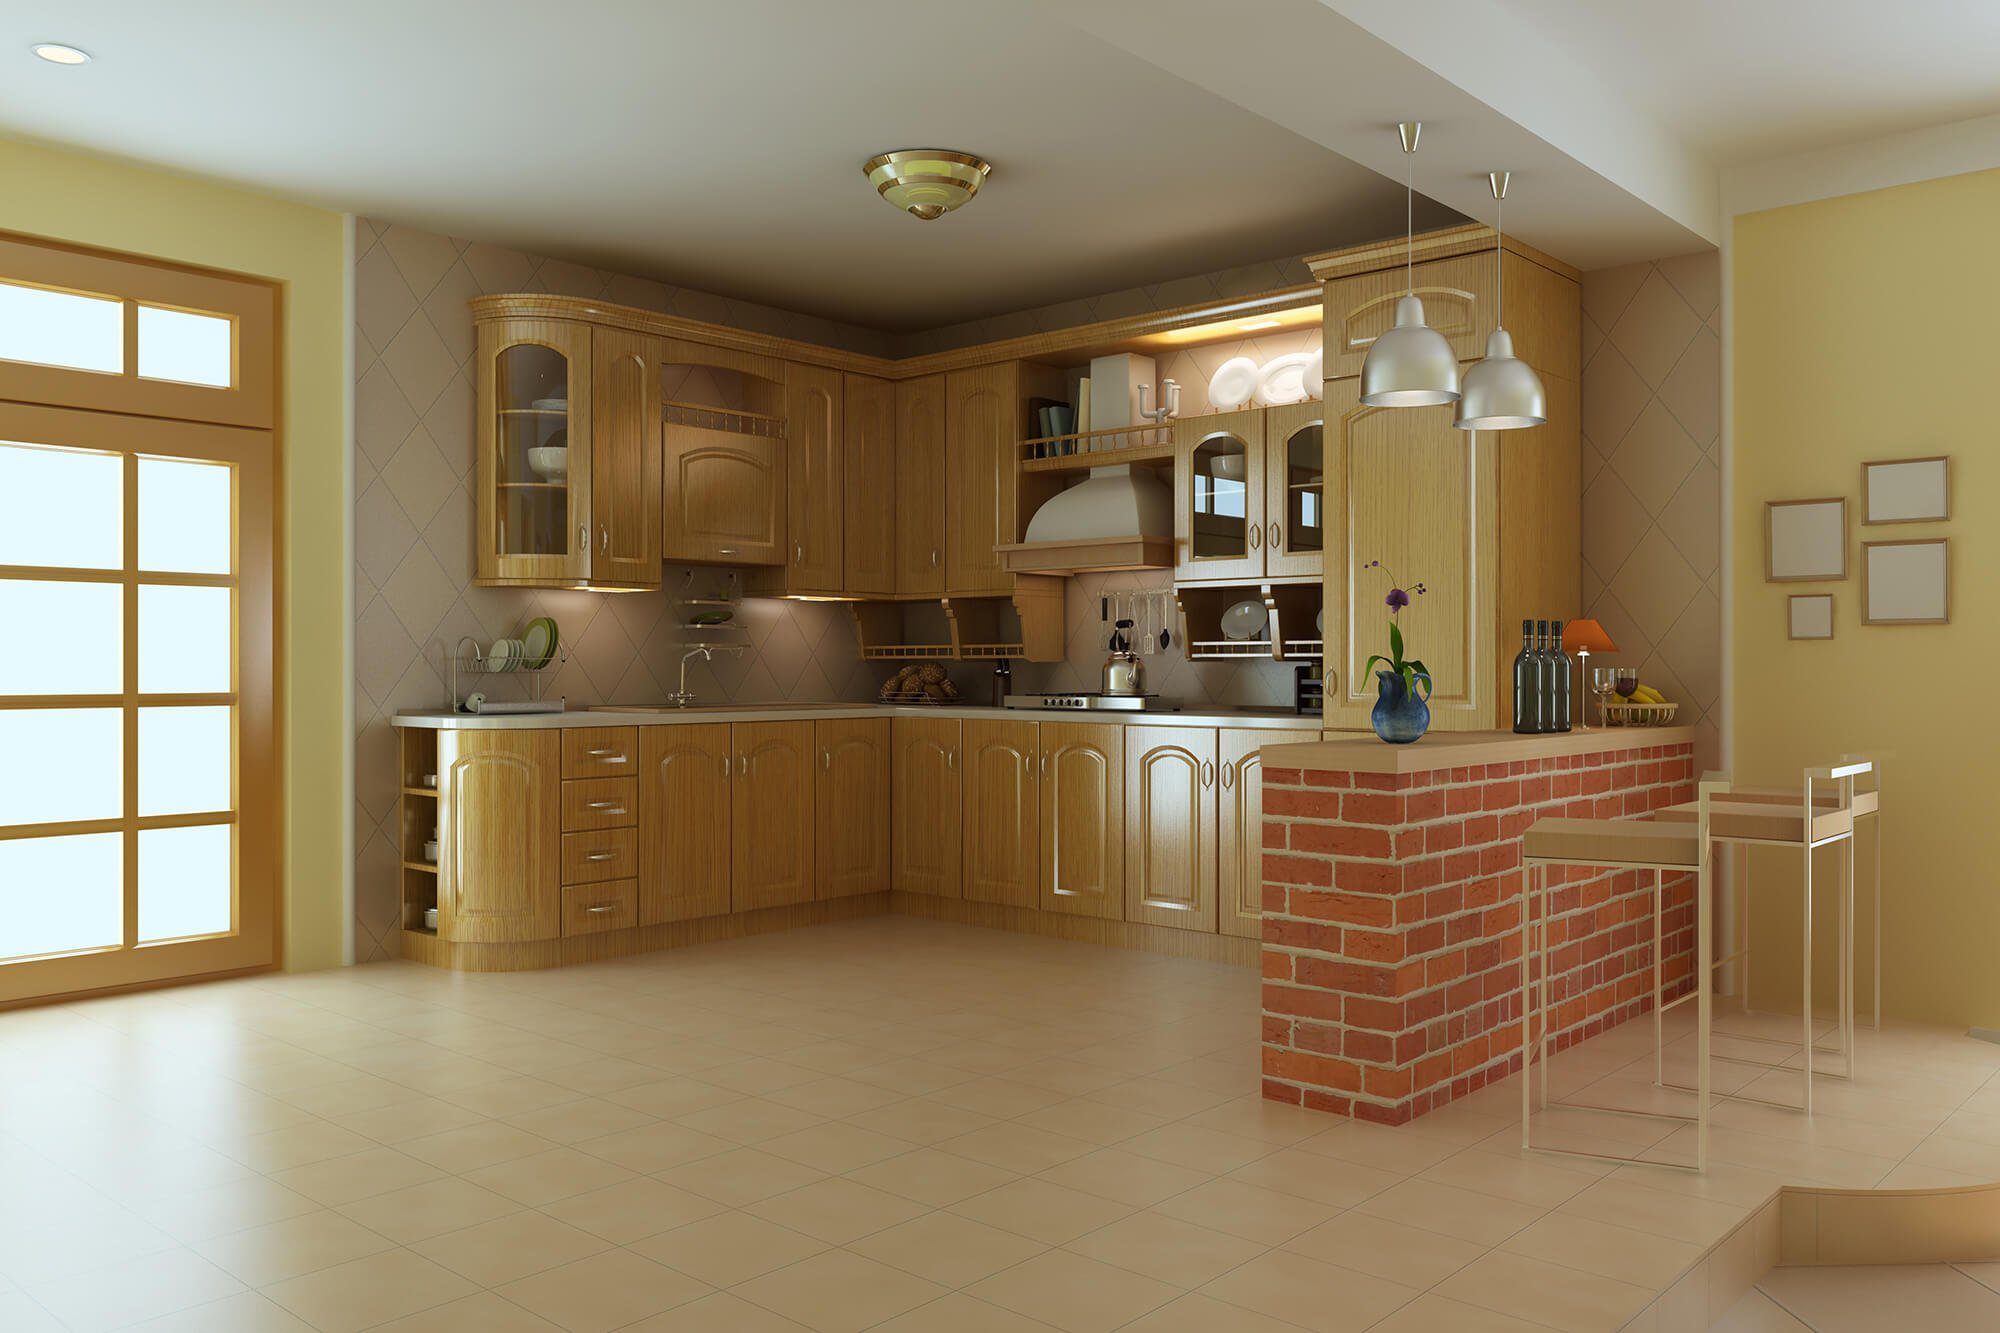 classic luxury kitchen.3d render